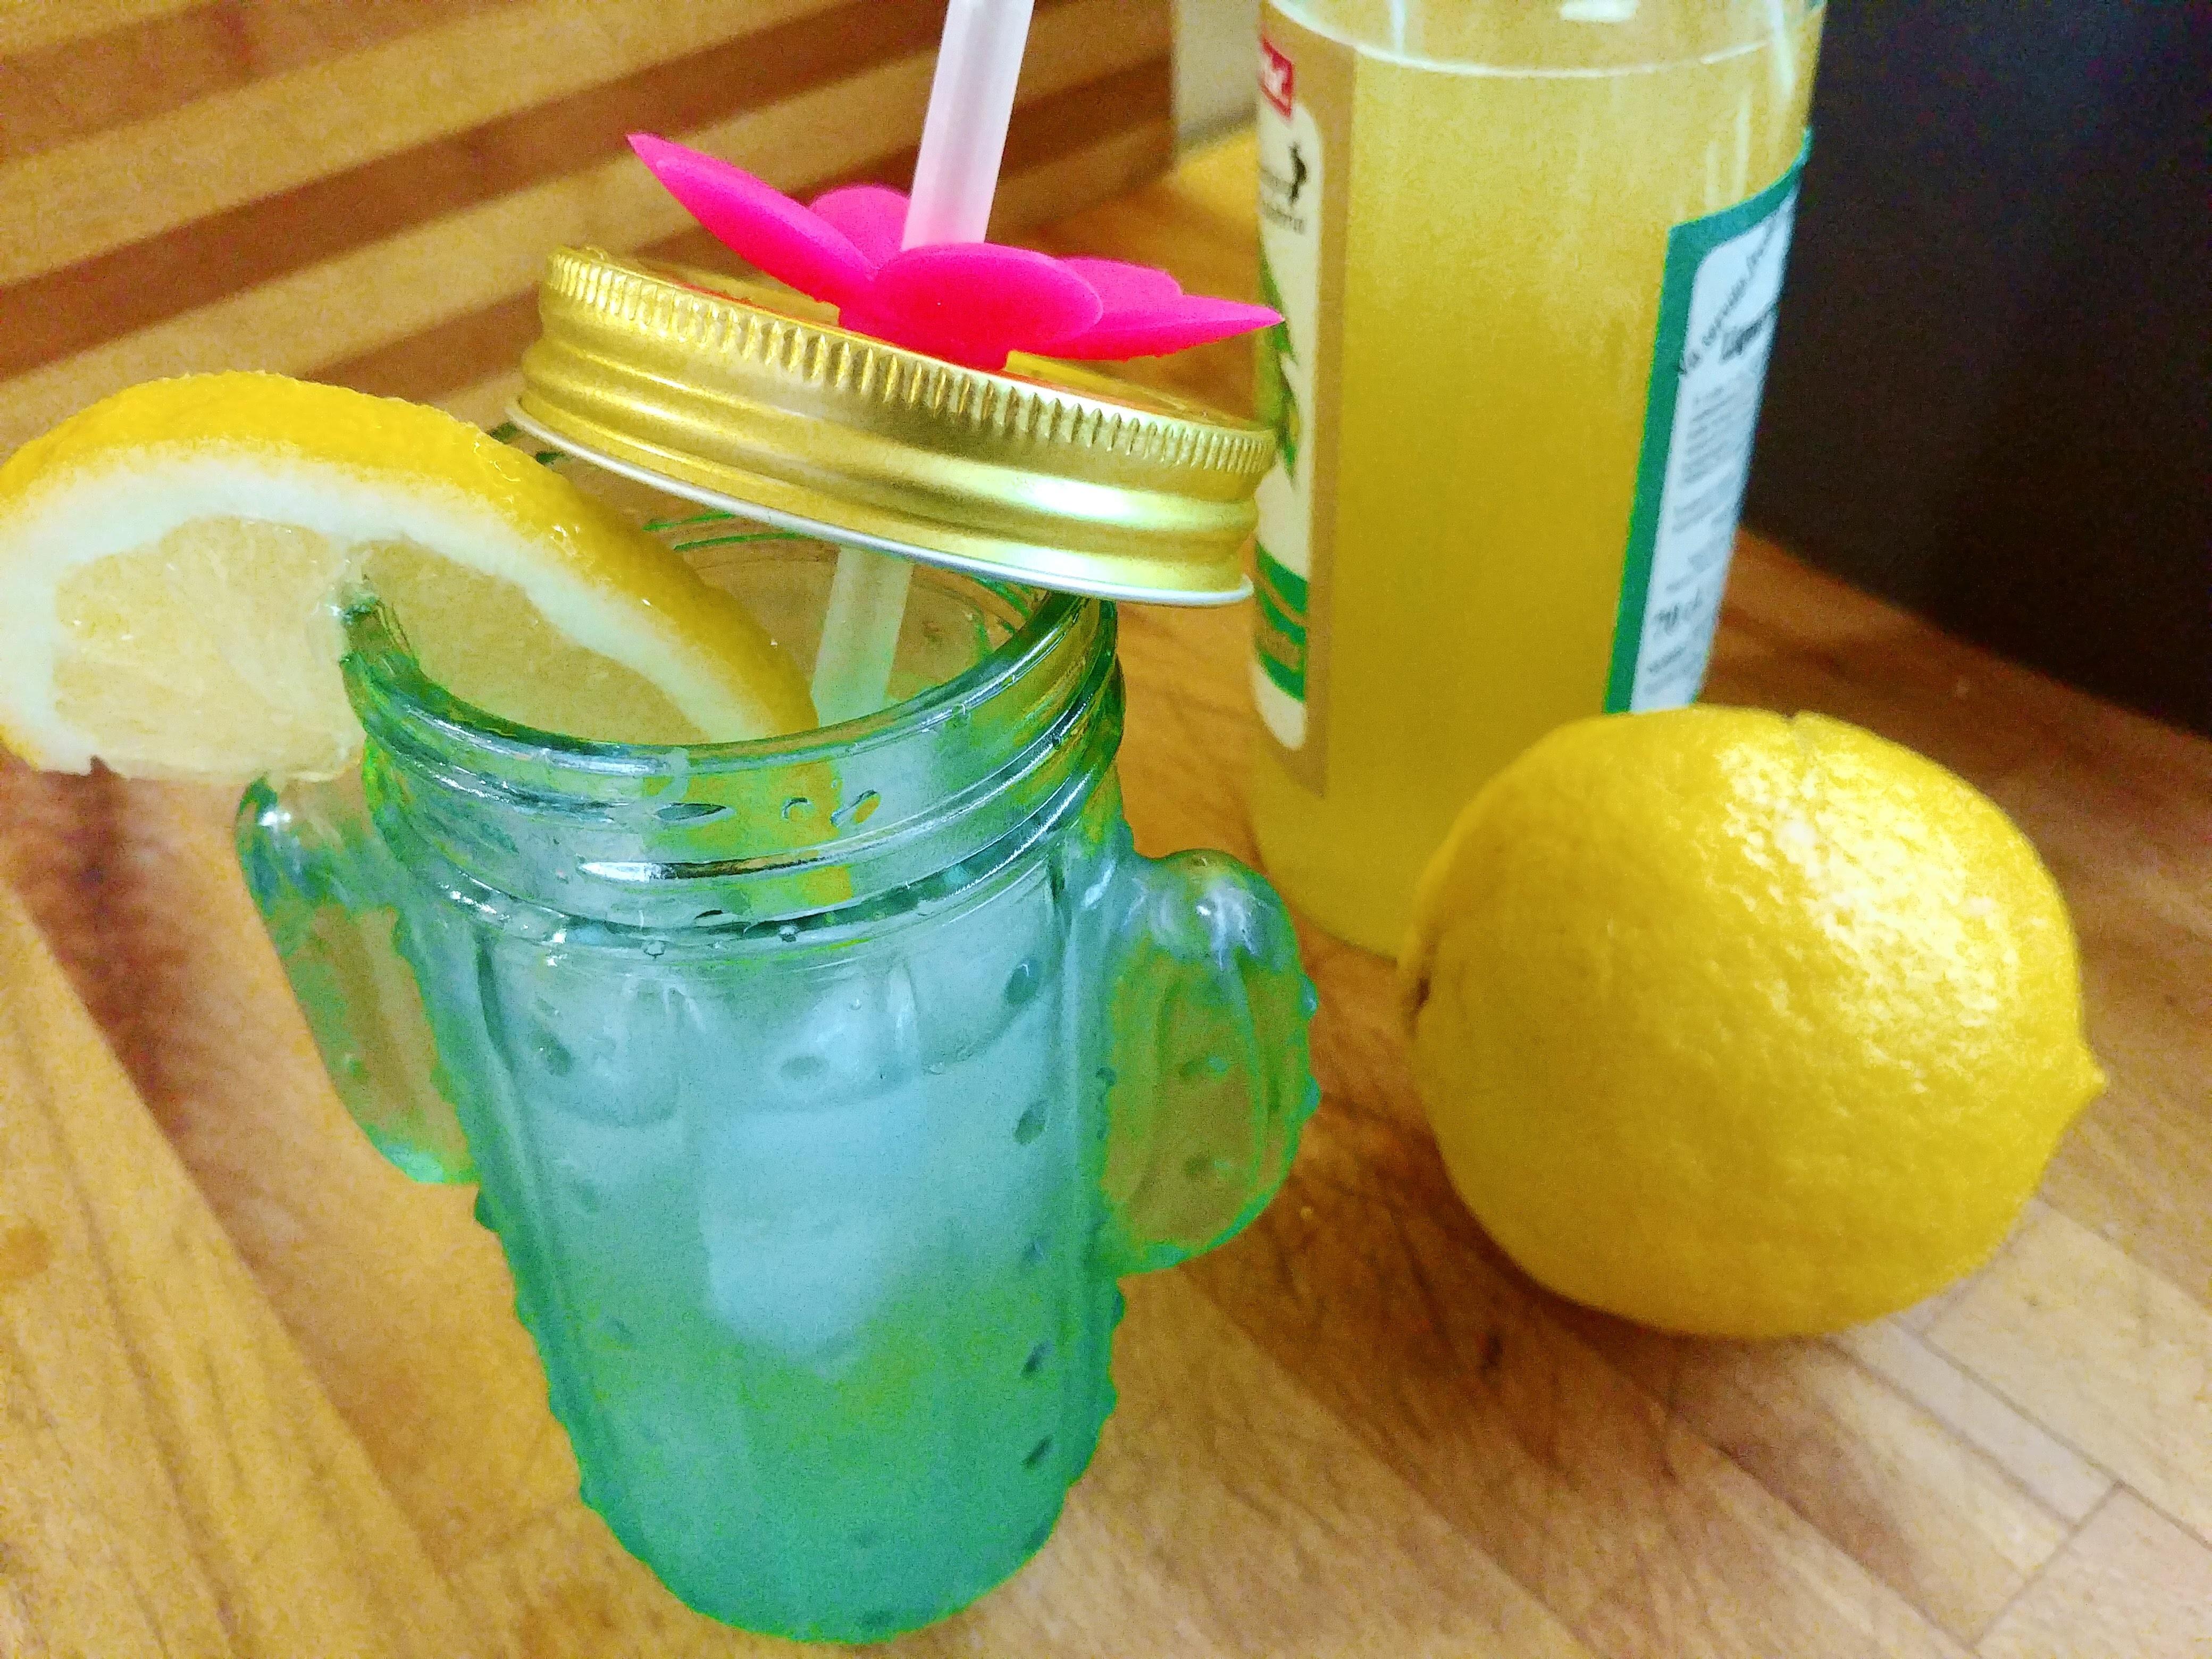 Sciroppo di limoni fatto in casa